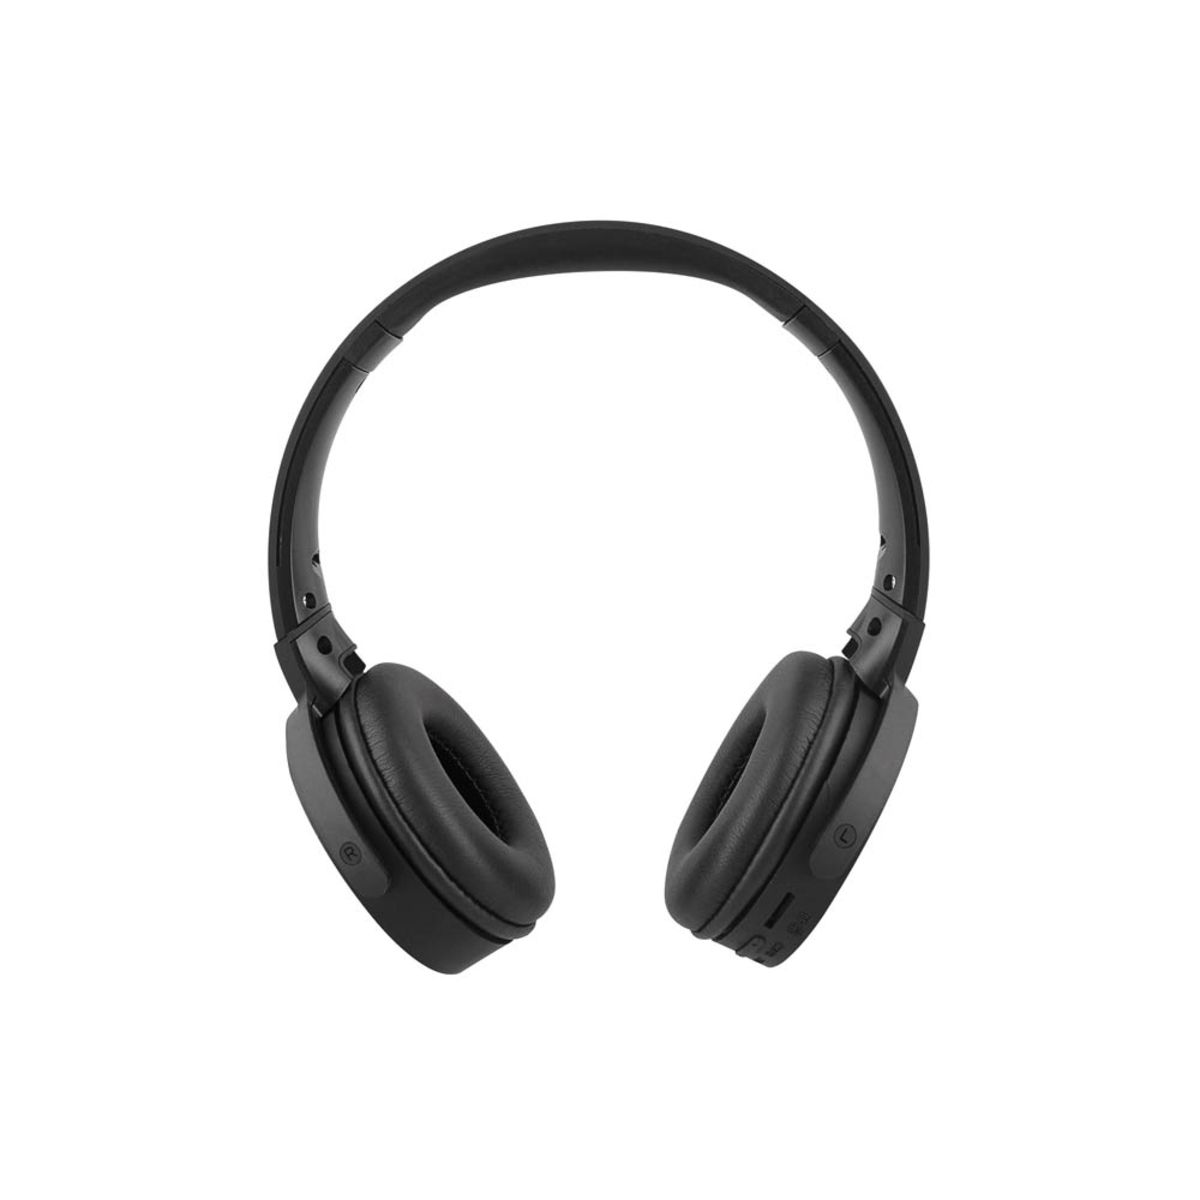 Shine 2 - Noir - Casque audio Bluetooth